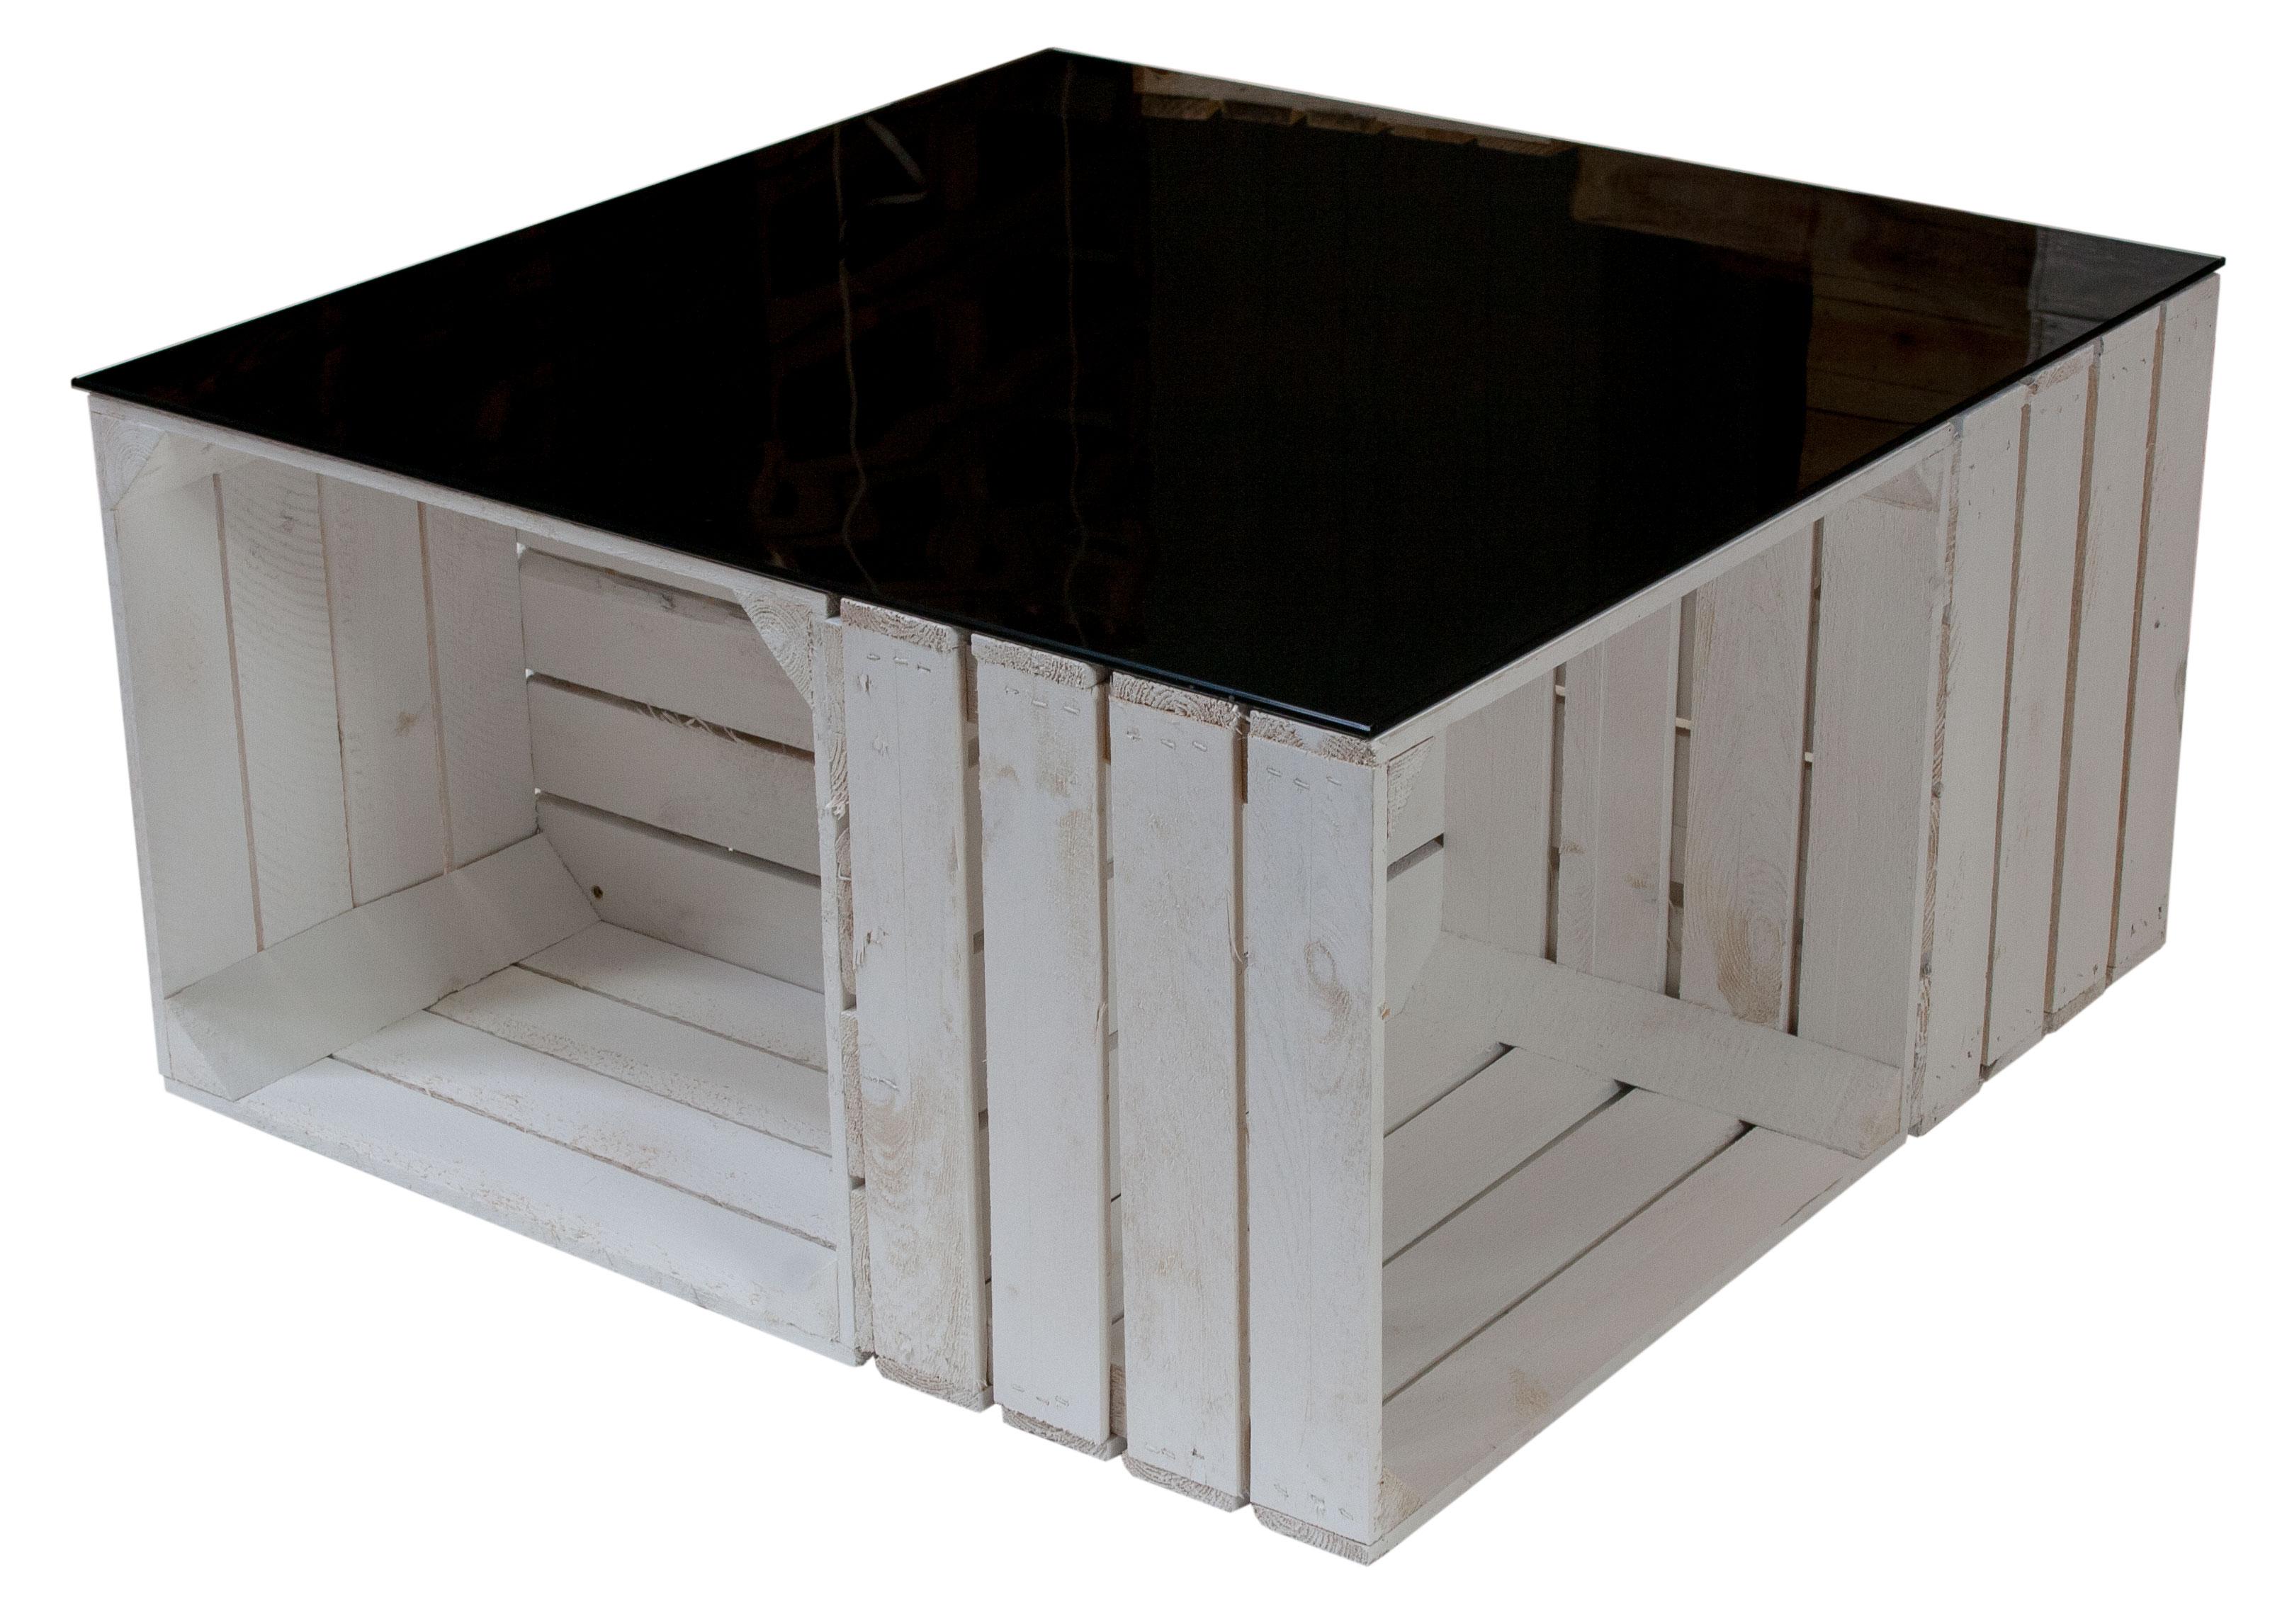 m bel couchtisch aus wei en apfelkisten auf rollen inkl schwarzer glasplatte 81x81x44cm. Black Bedroom Furniture Sets. Home Design Ideas